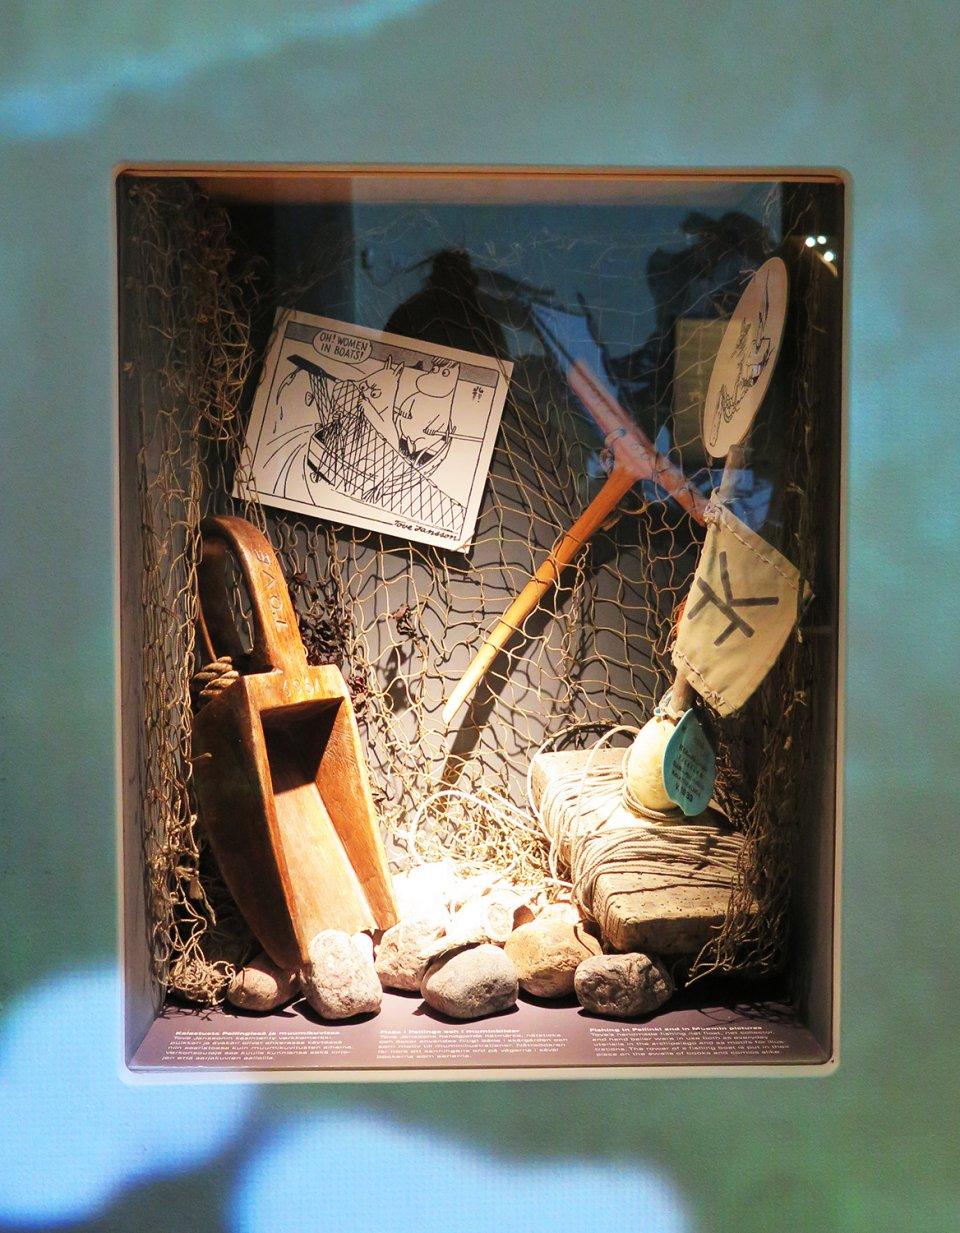 muumit 75 kansallismuseo Tove Jansson meri